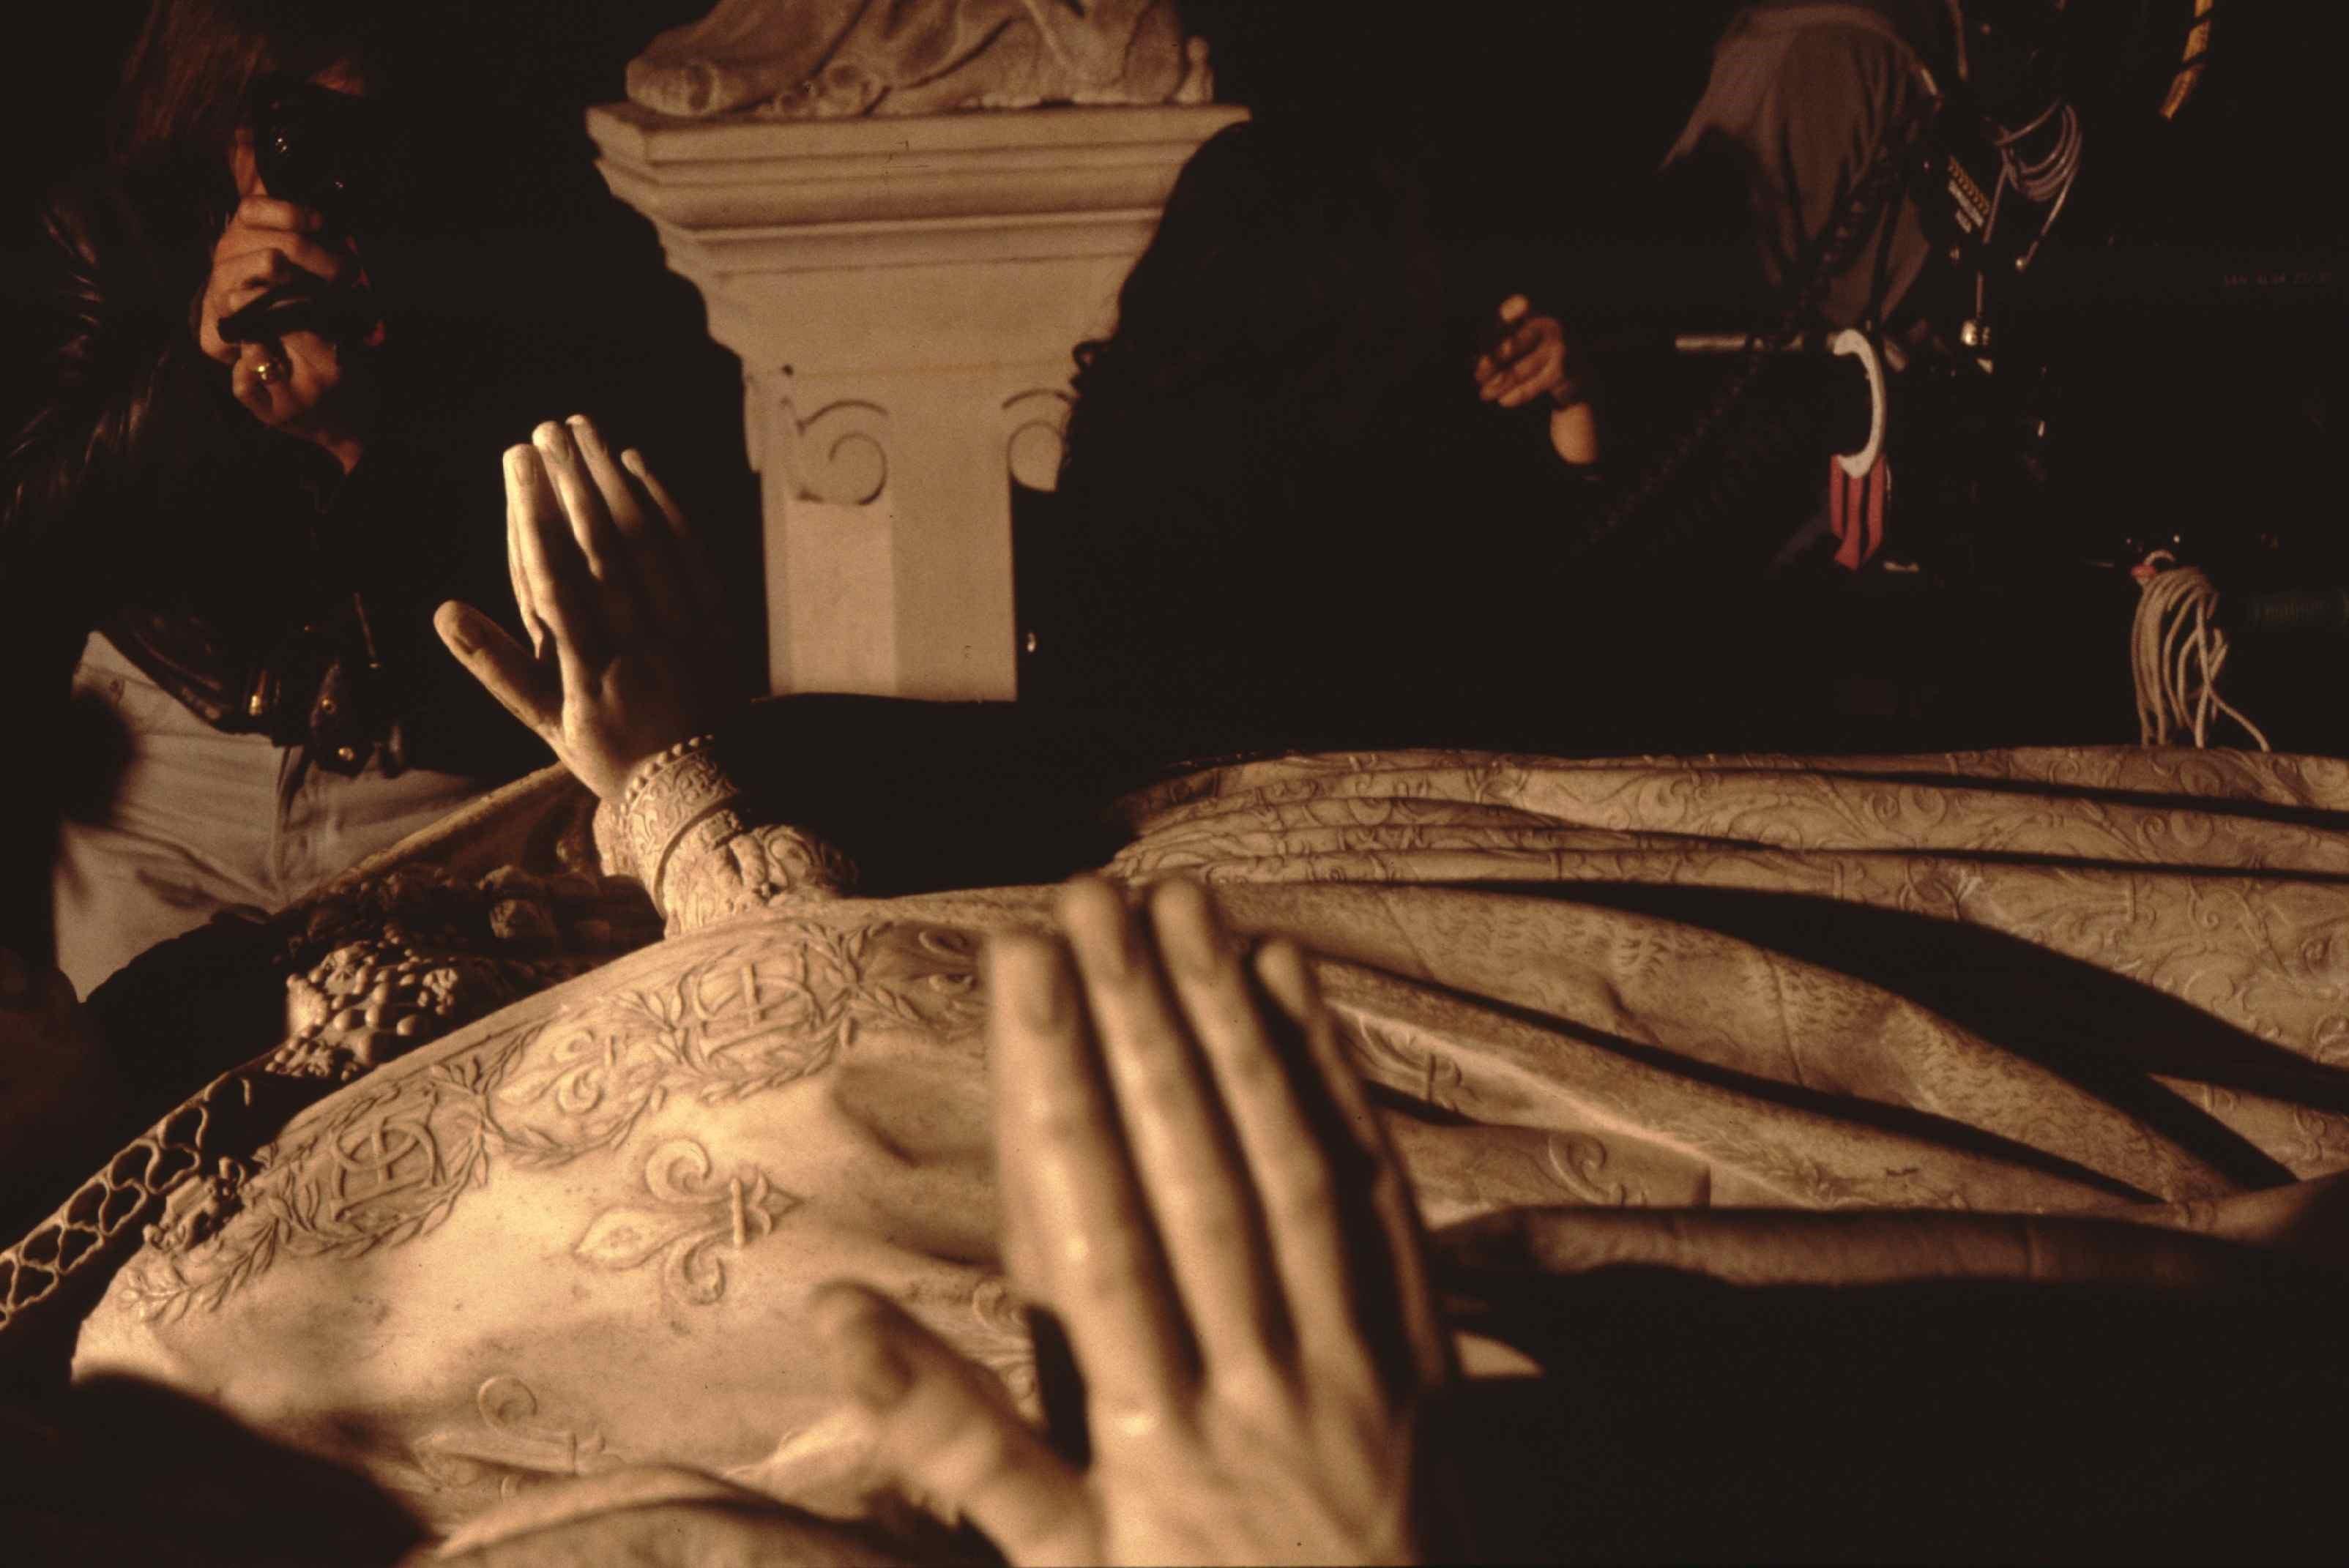 Germain Pilon ou le désir enfoui avec Agnès Godard 1990